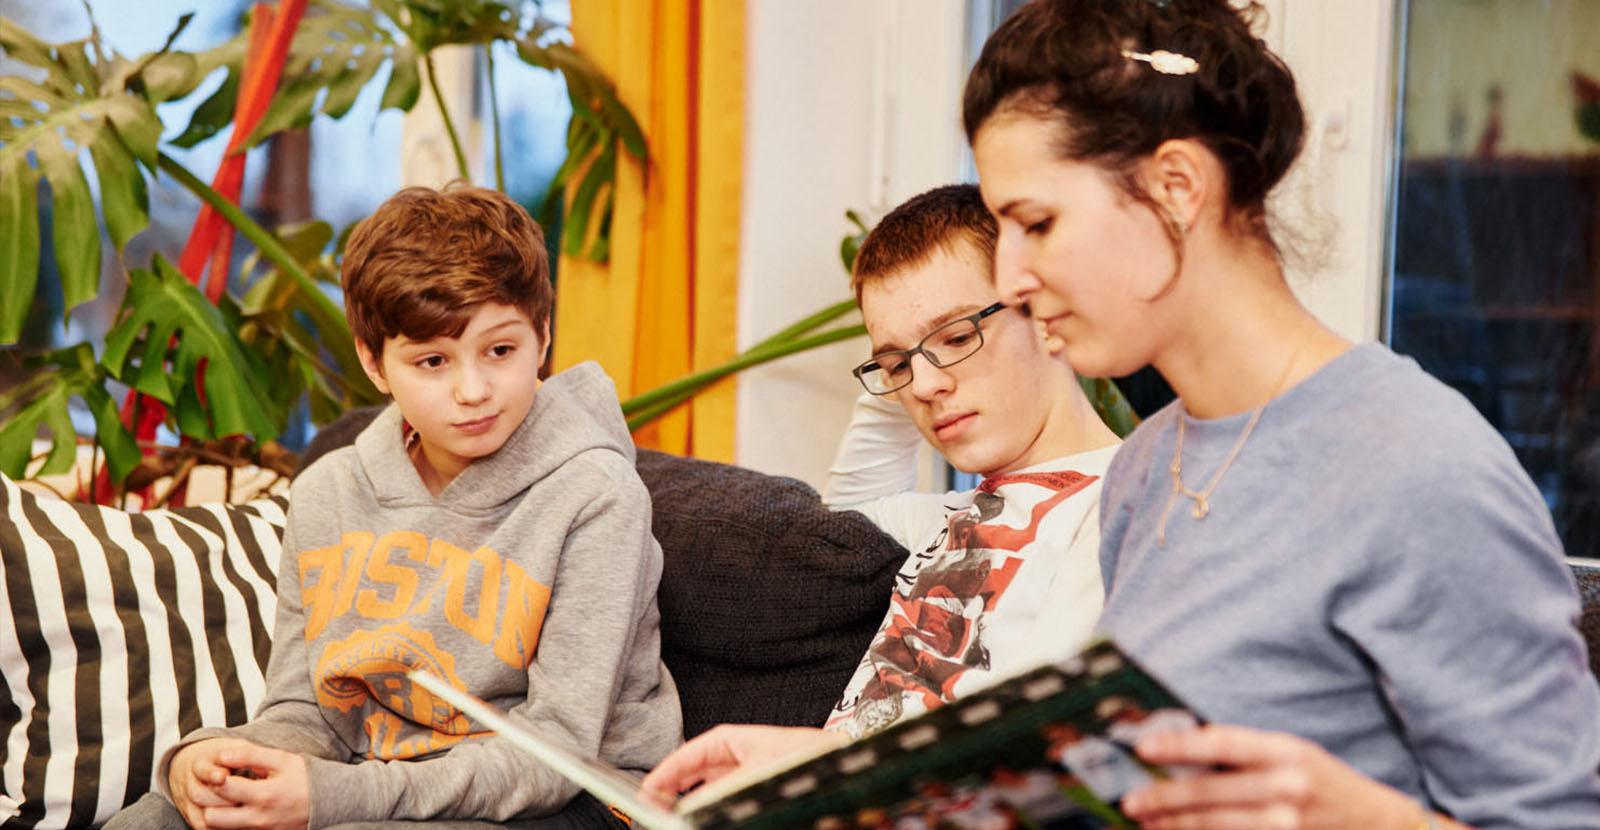 Wohngruppen Kinderbetreuung und förderung Mariahof Hüfingen